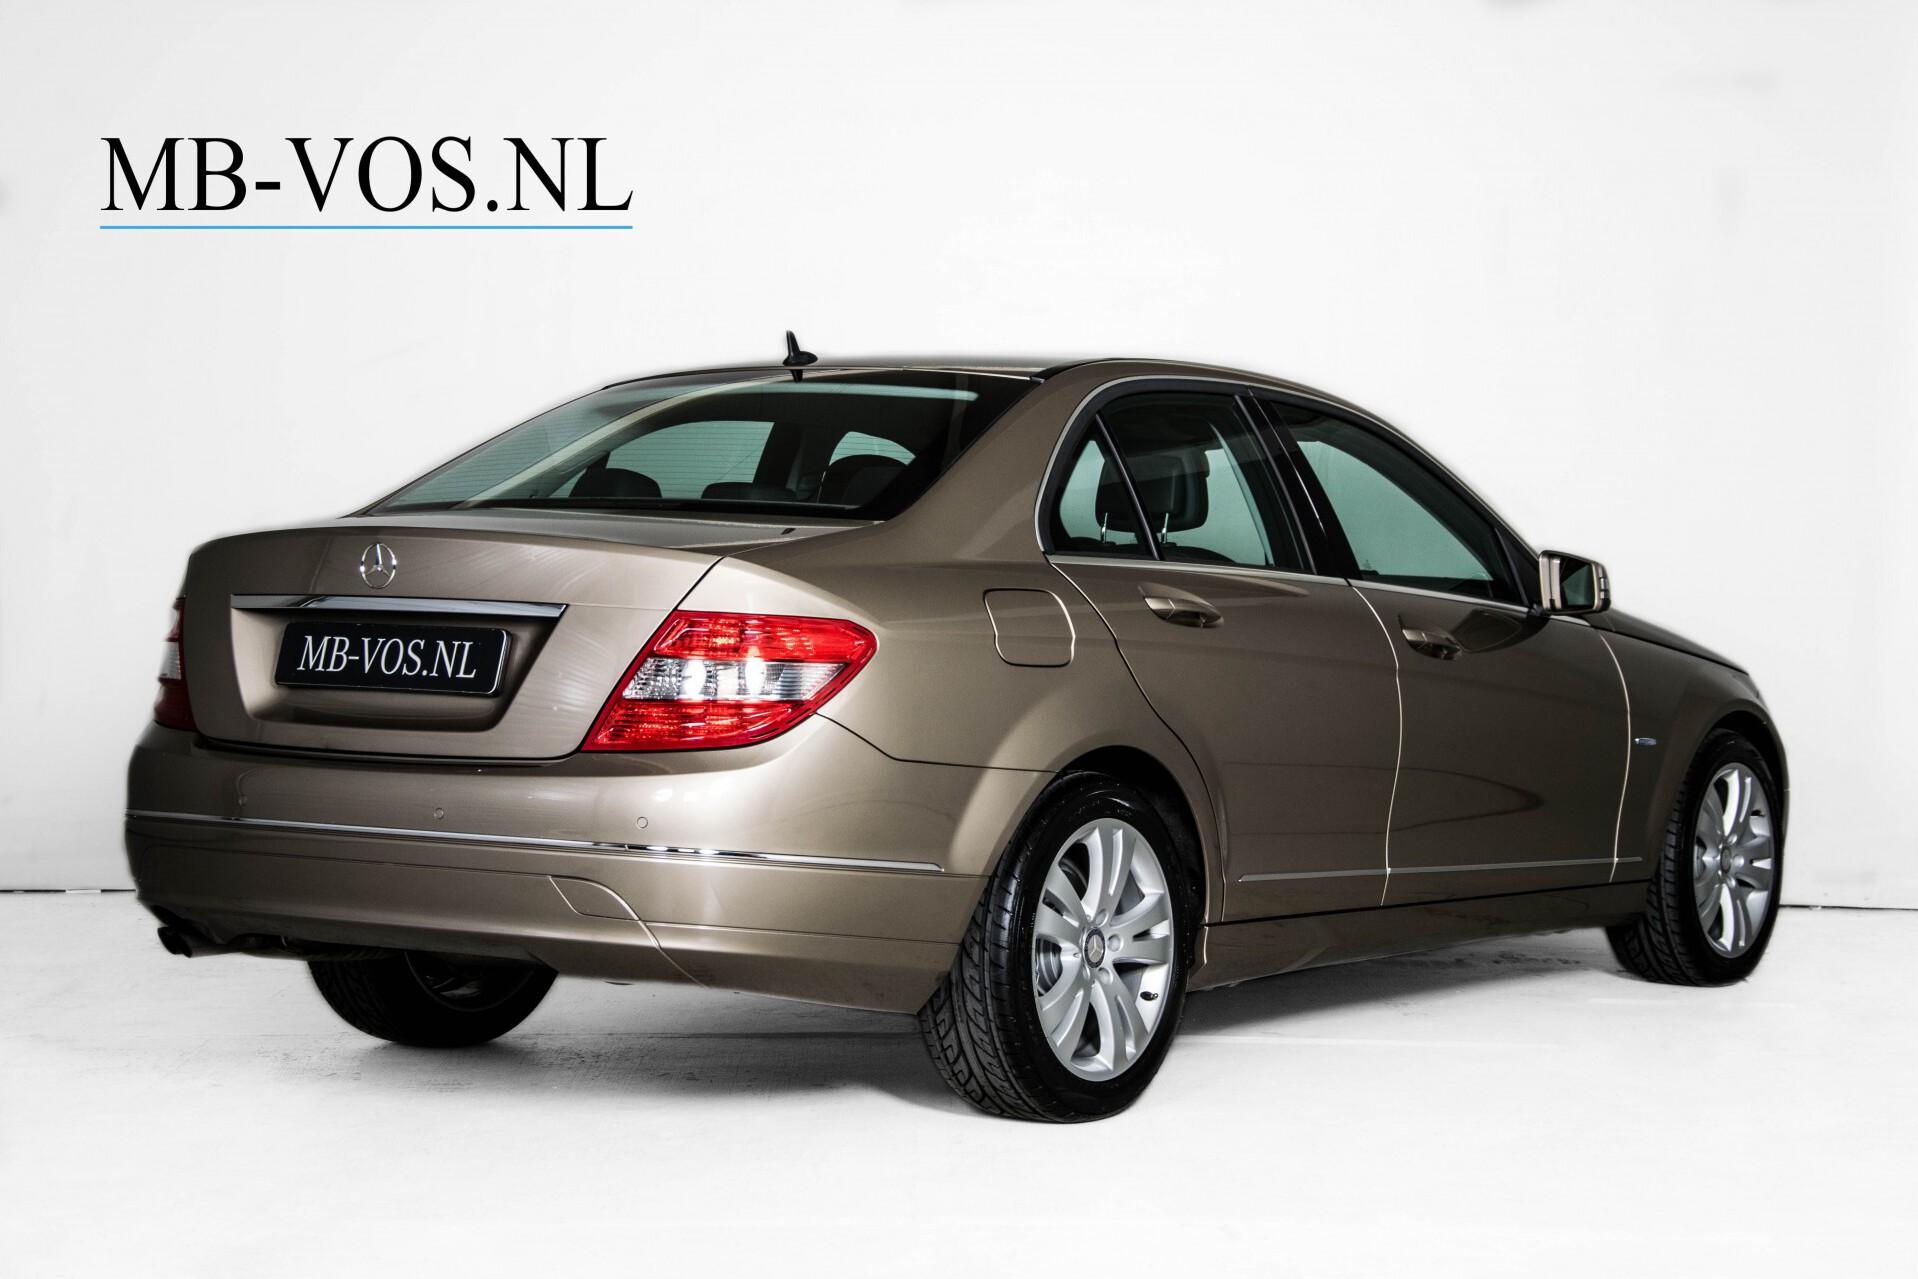 Mercedes-Benz C-Klasse 180 K Avantgarde 1ste eigenaar/NL geleverd/Dealer onderhouden/Volledig gedocumenteerd Foto 2